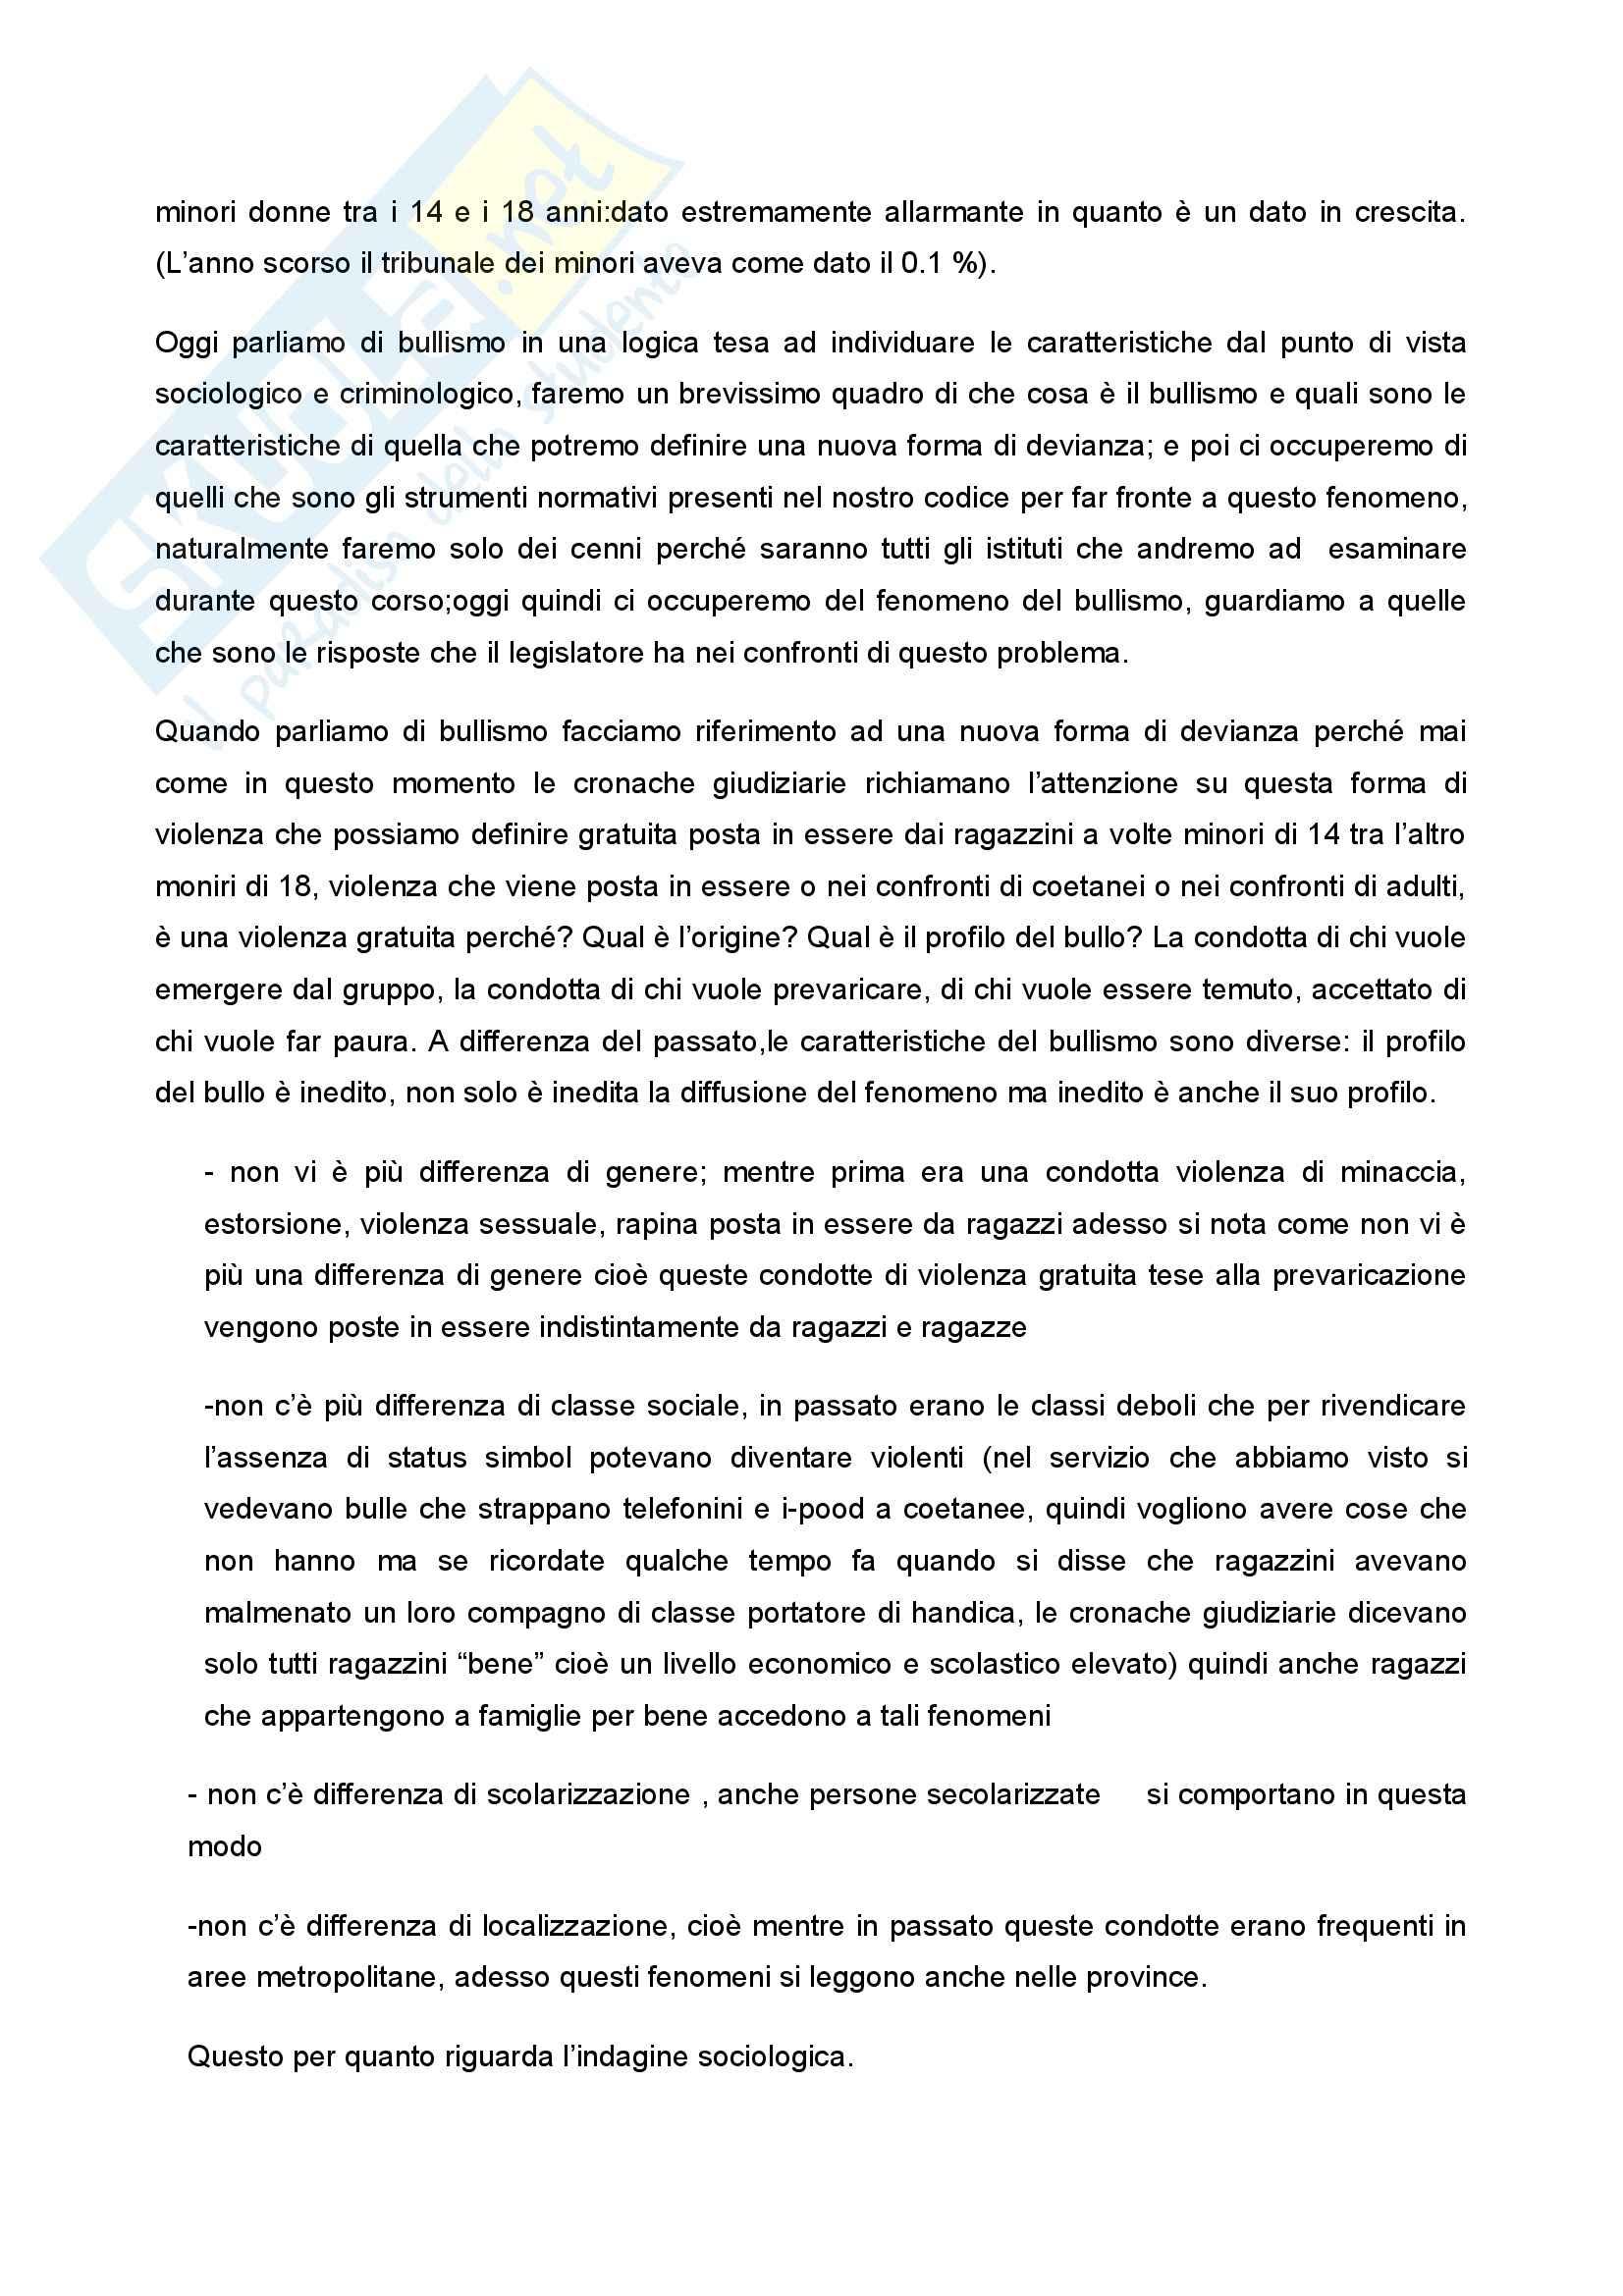 Diritto penale minorile - Corso completo Pag. 6